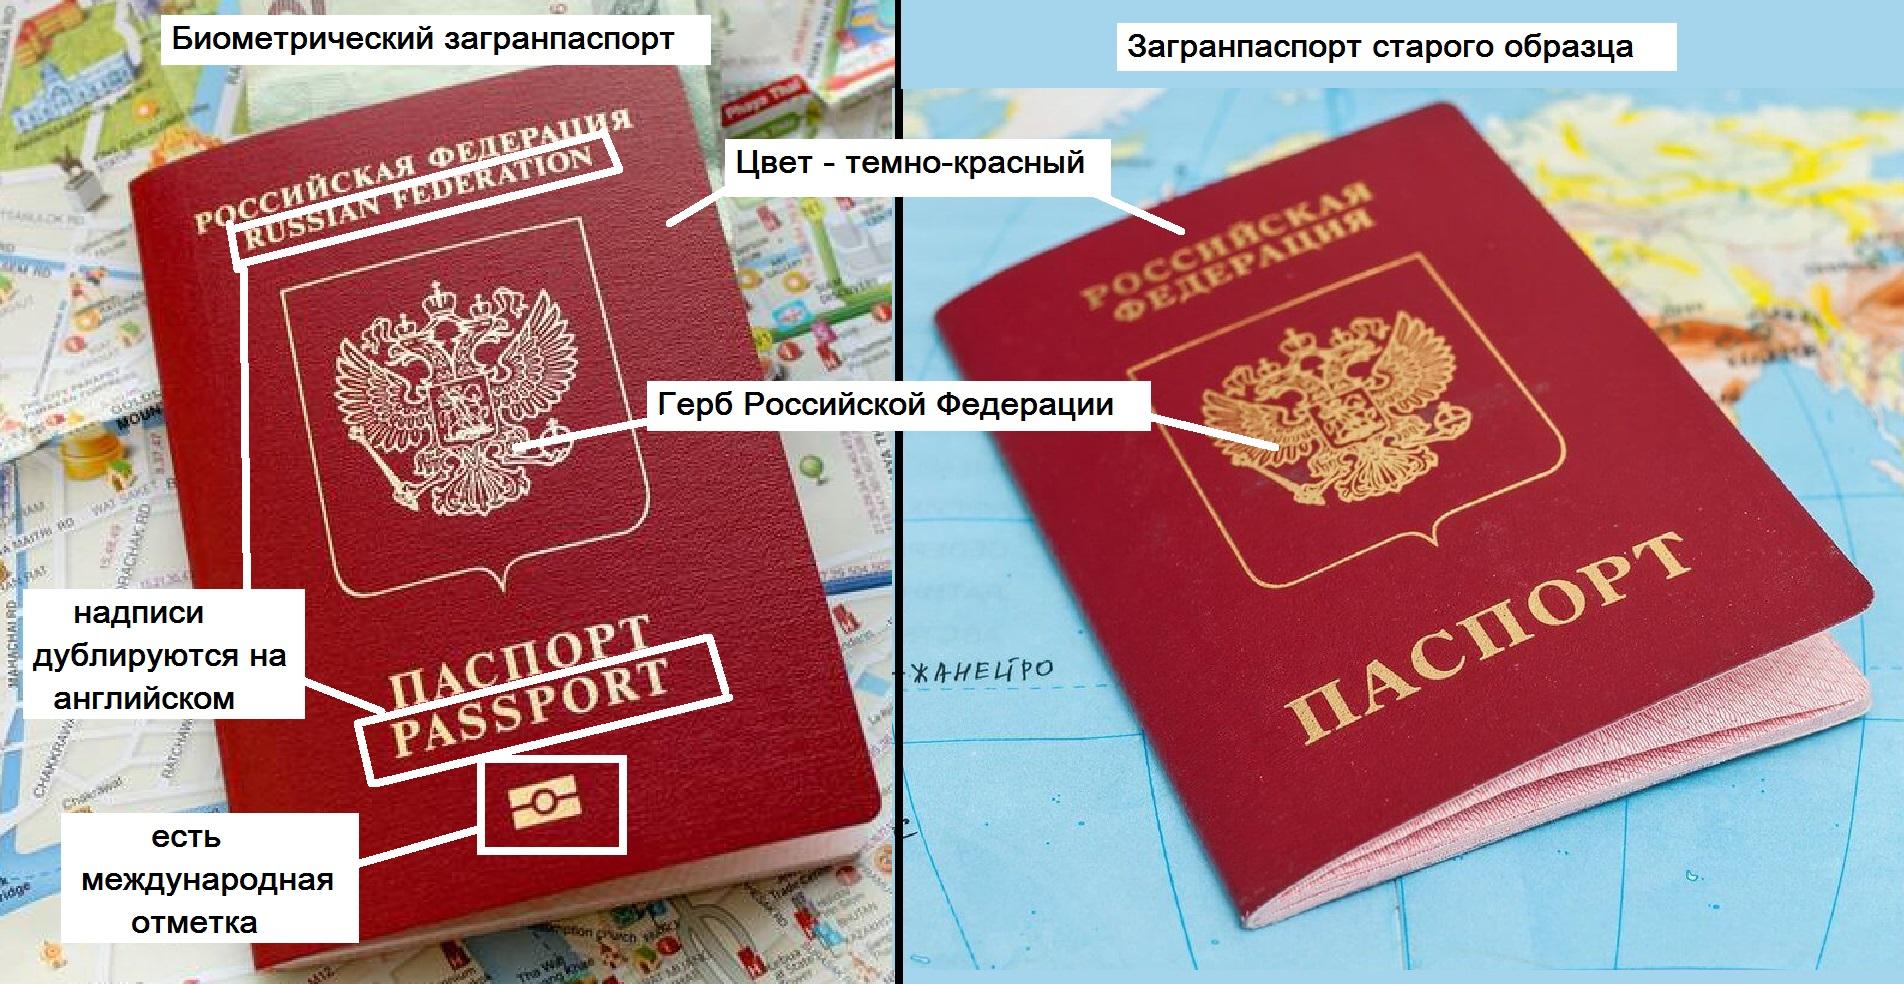 Оформить загранпаспорт в мфц егорьевск